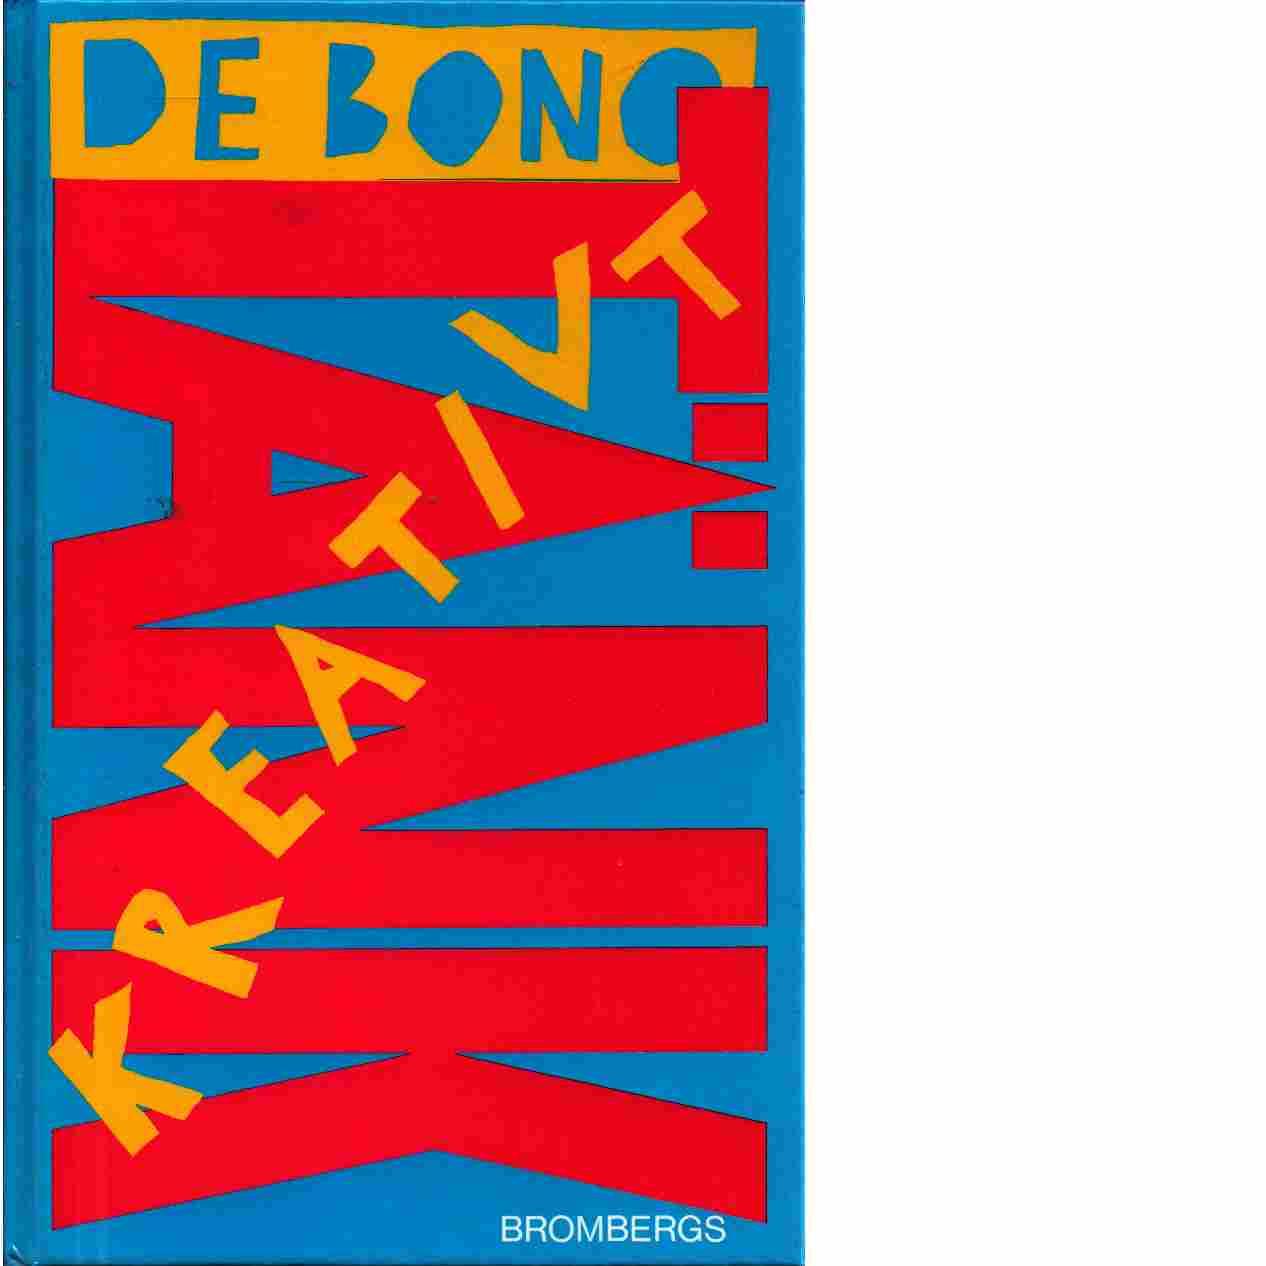 Tänk kreativt - De Bono, Edward